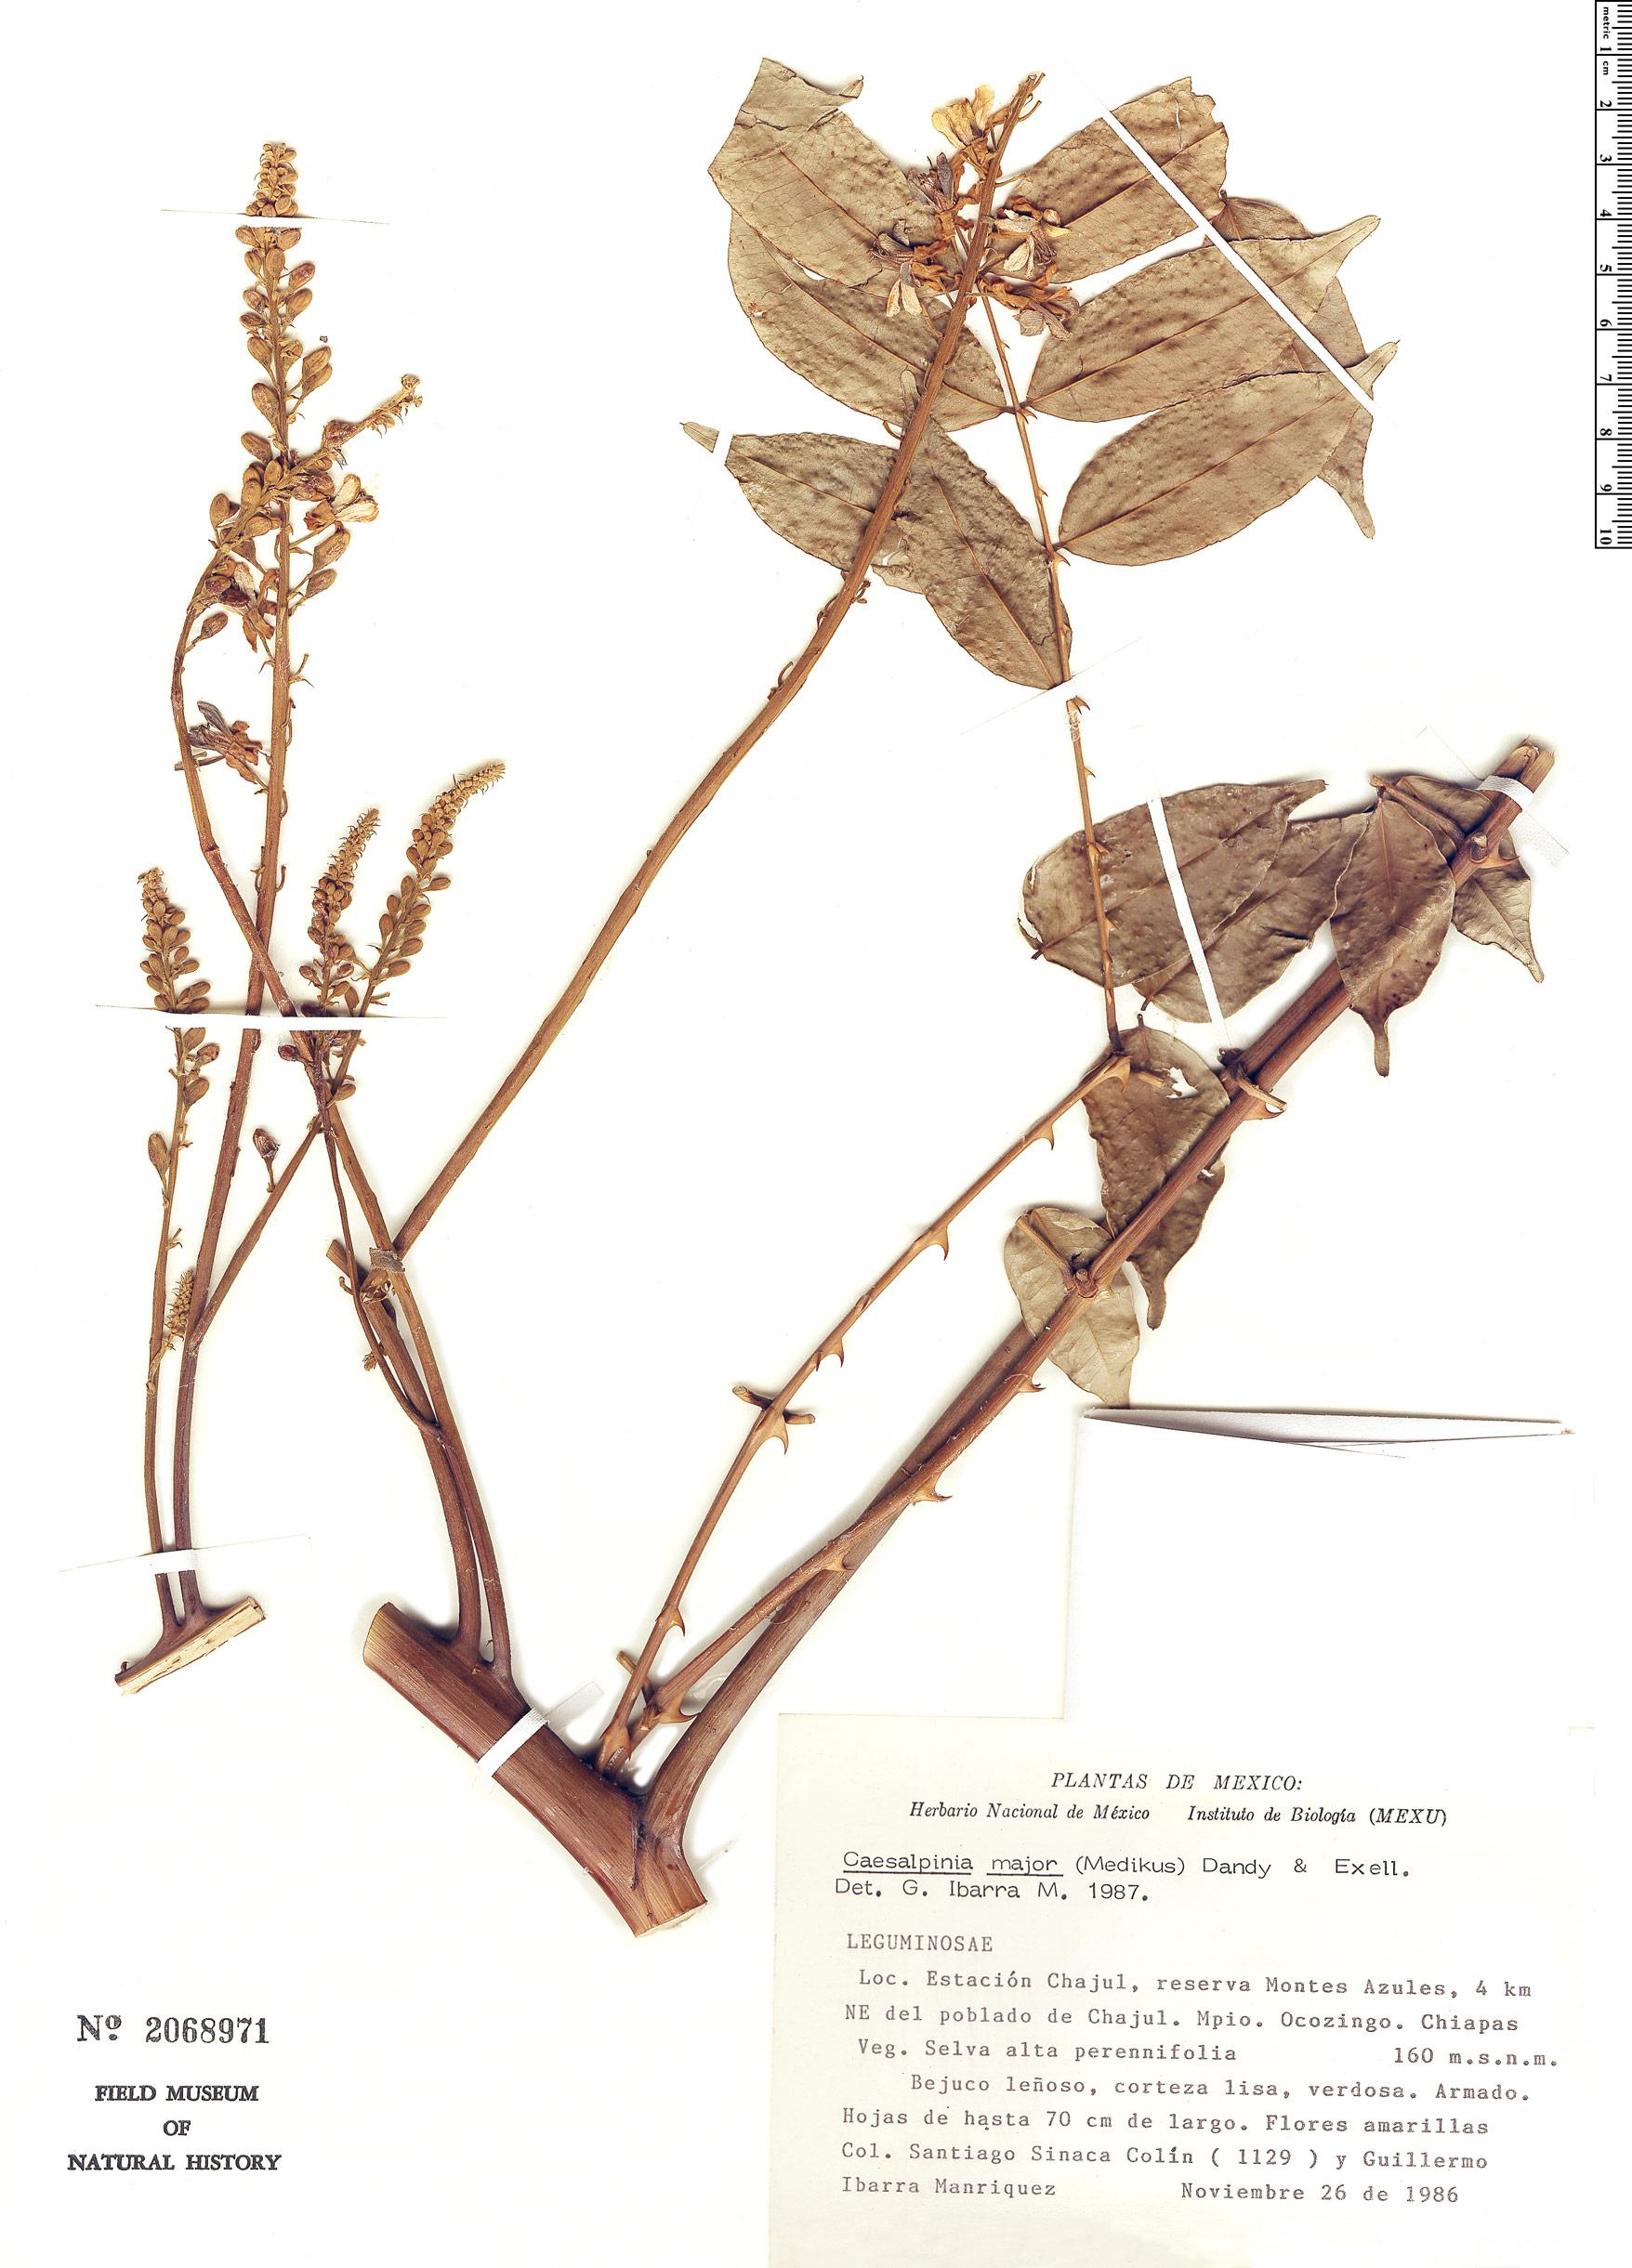 Specimen: Caesalpinia major